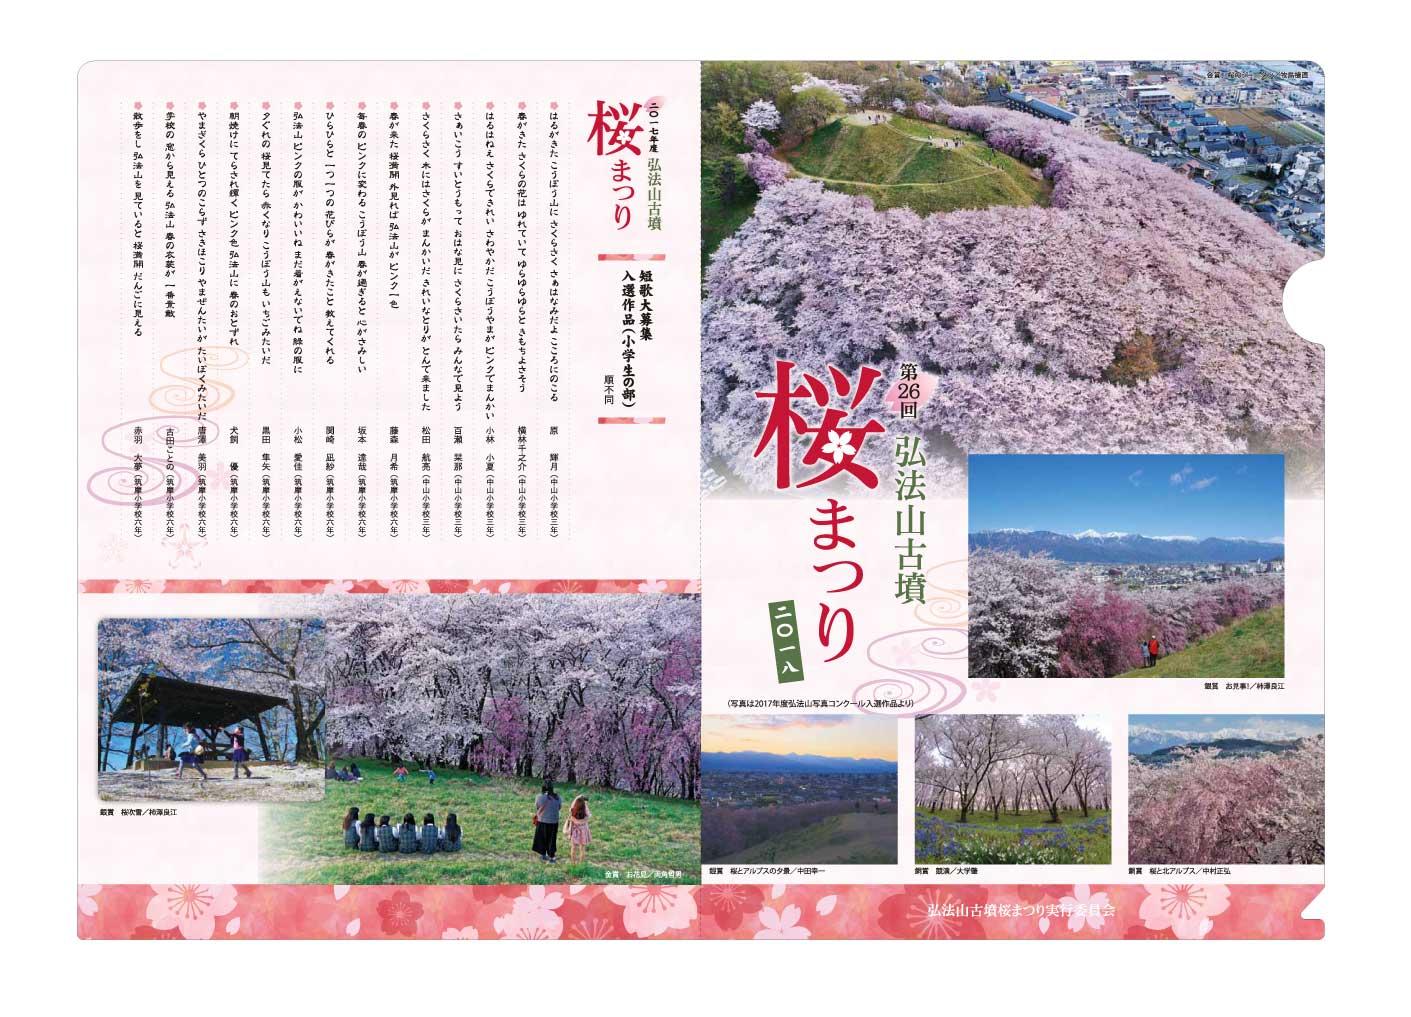 第26回桜まつりクリアケースを作成しました